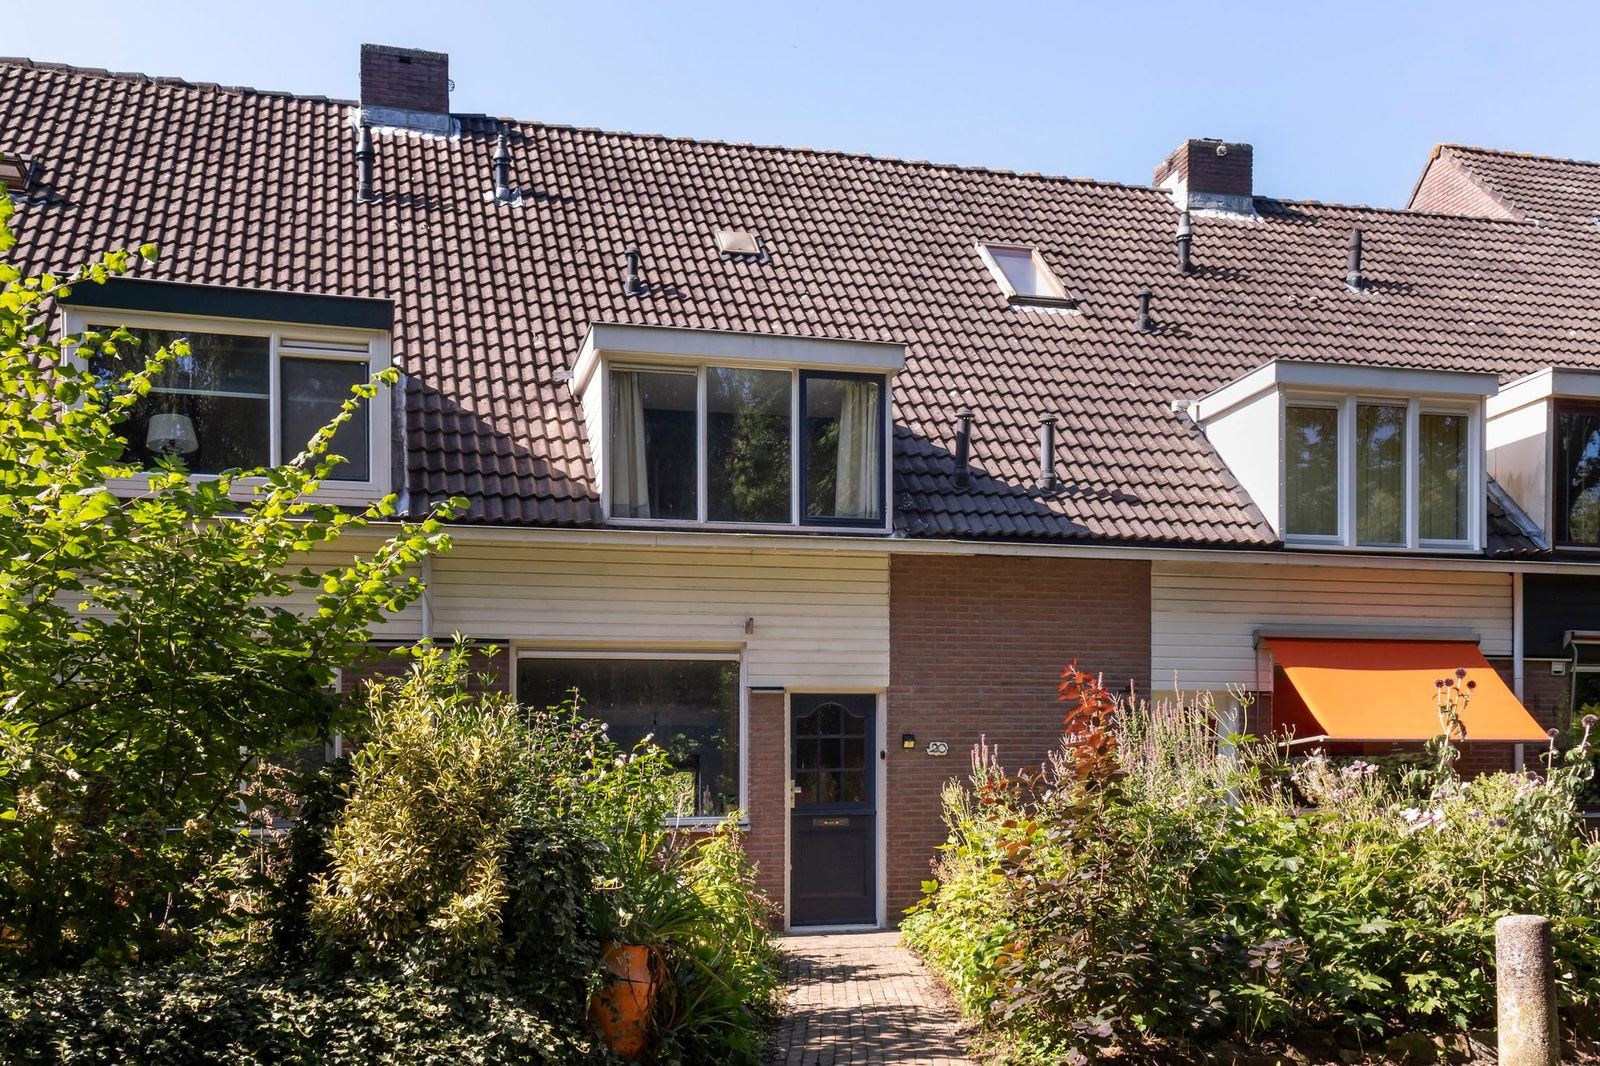 Klingeburg 20, Nieuwegein